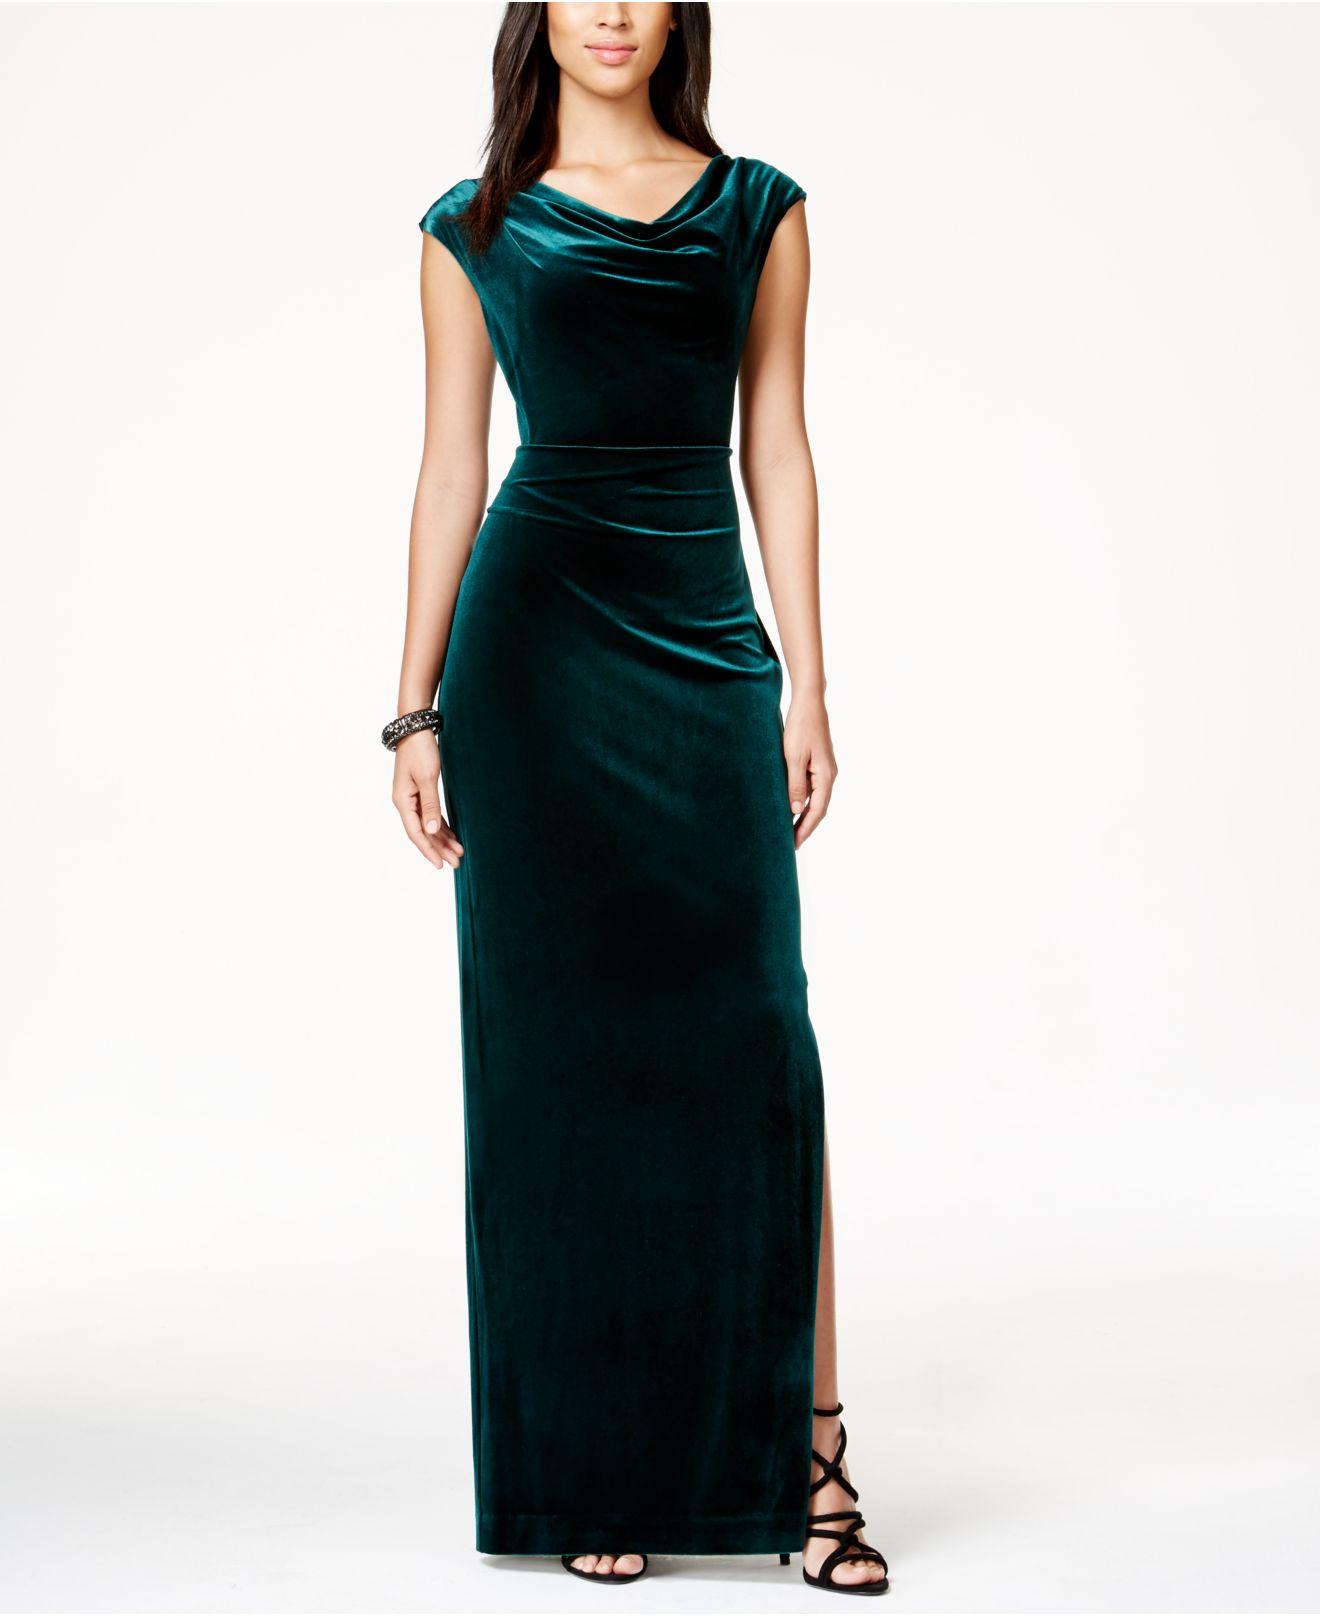 macys velvet dresses photo - 1